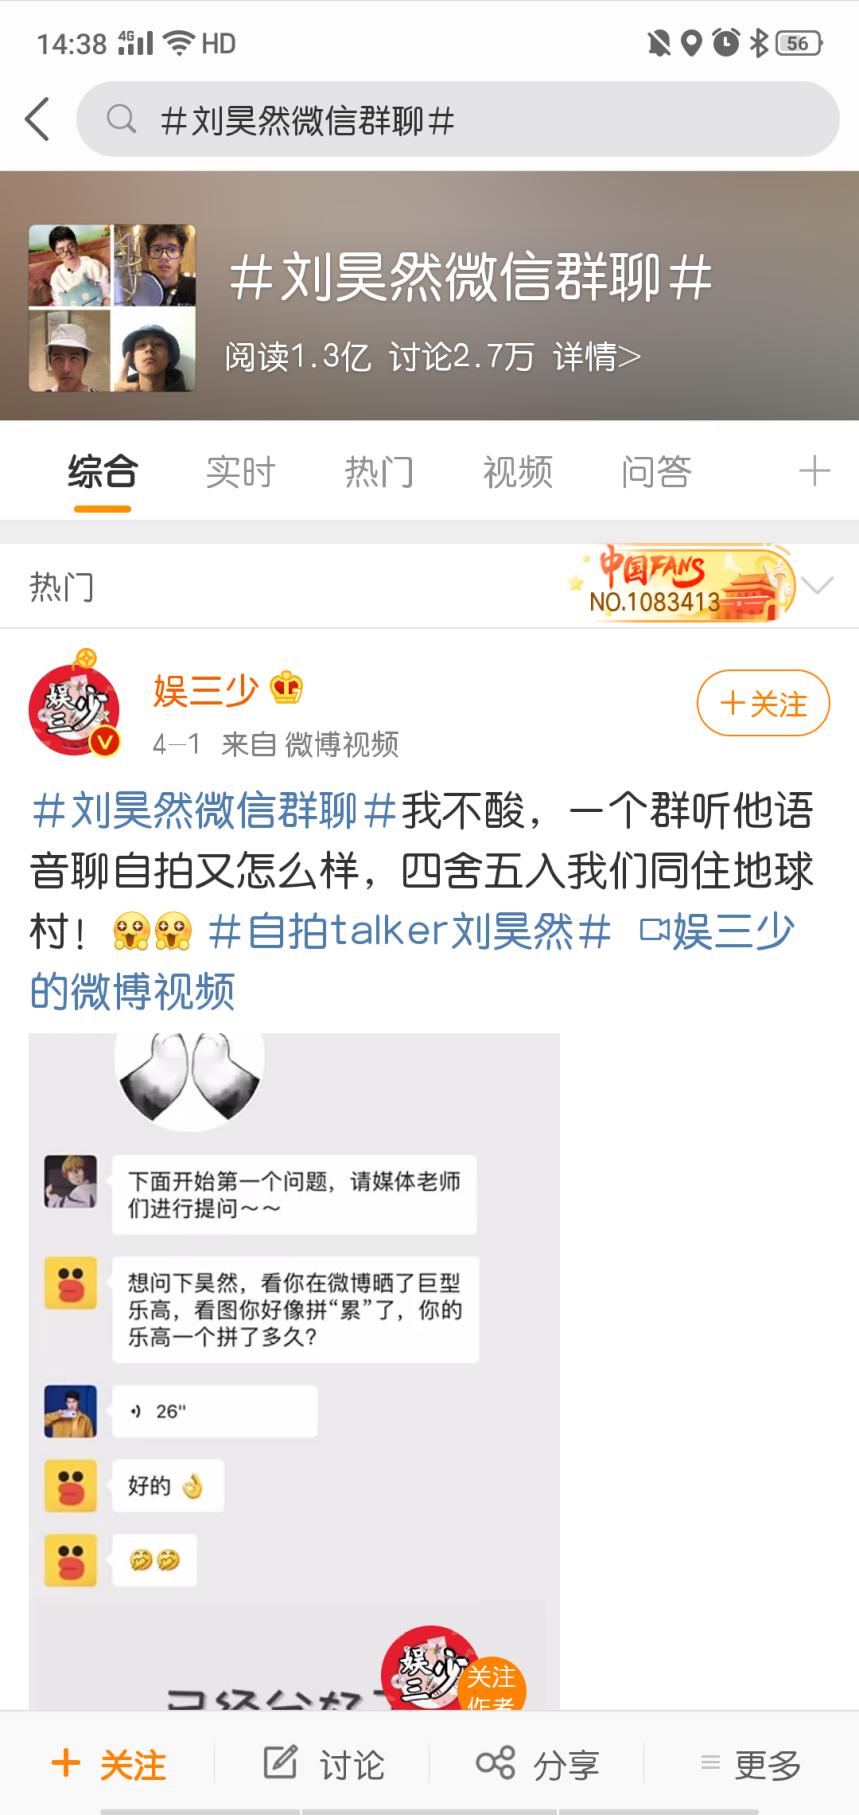 刘昊然微信群聊内容大公开,原来他有这么多的小秘密